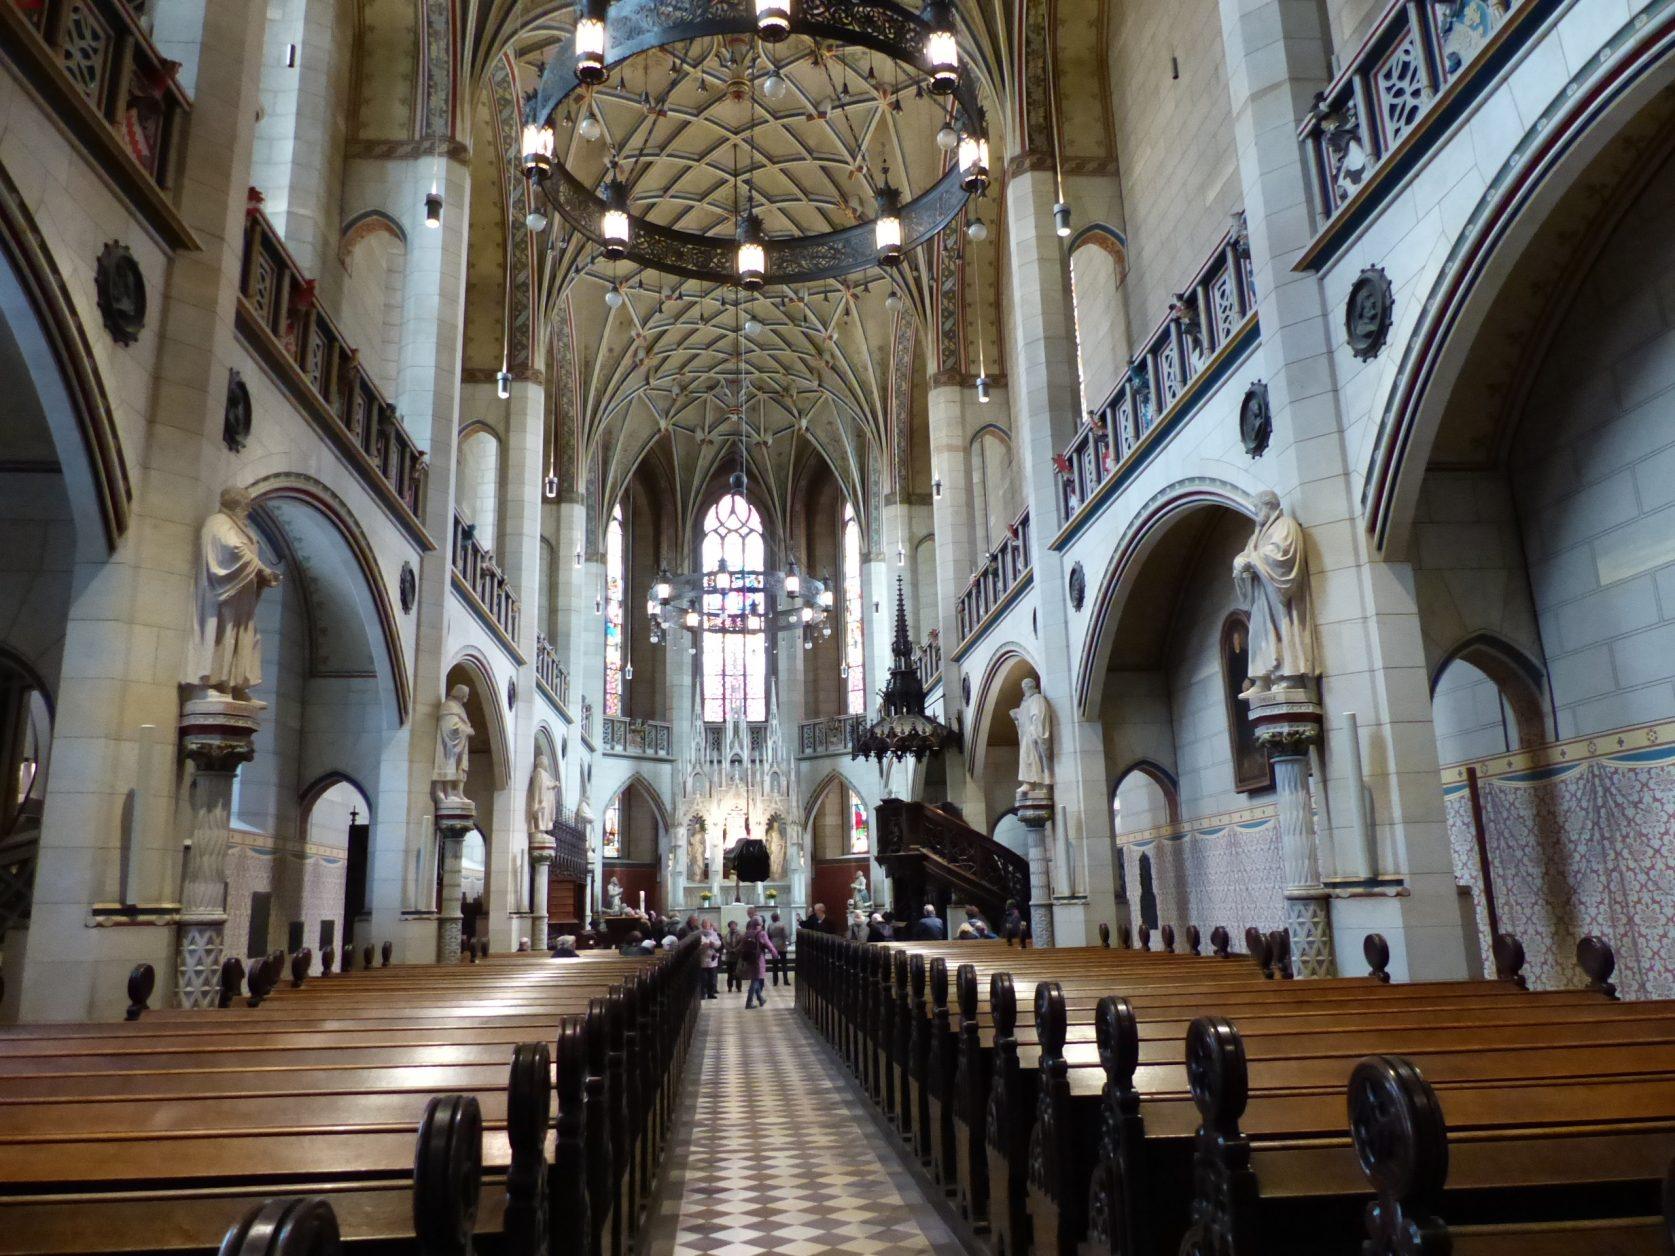 Berühmtheit erlangte die Kirche durch den Thesenanschlag, die als Auslöser der Reformation gelten. Foto: D.Weirauc